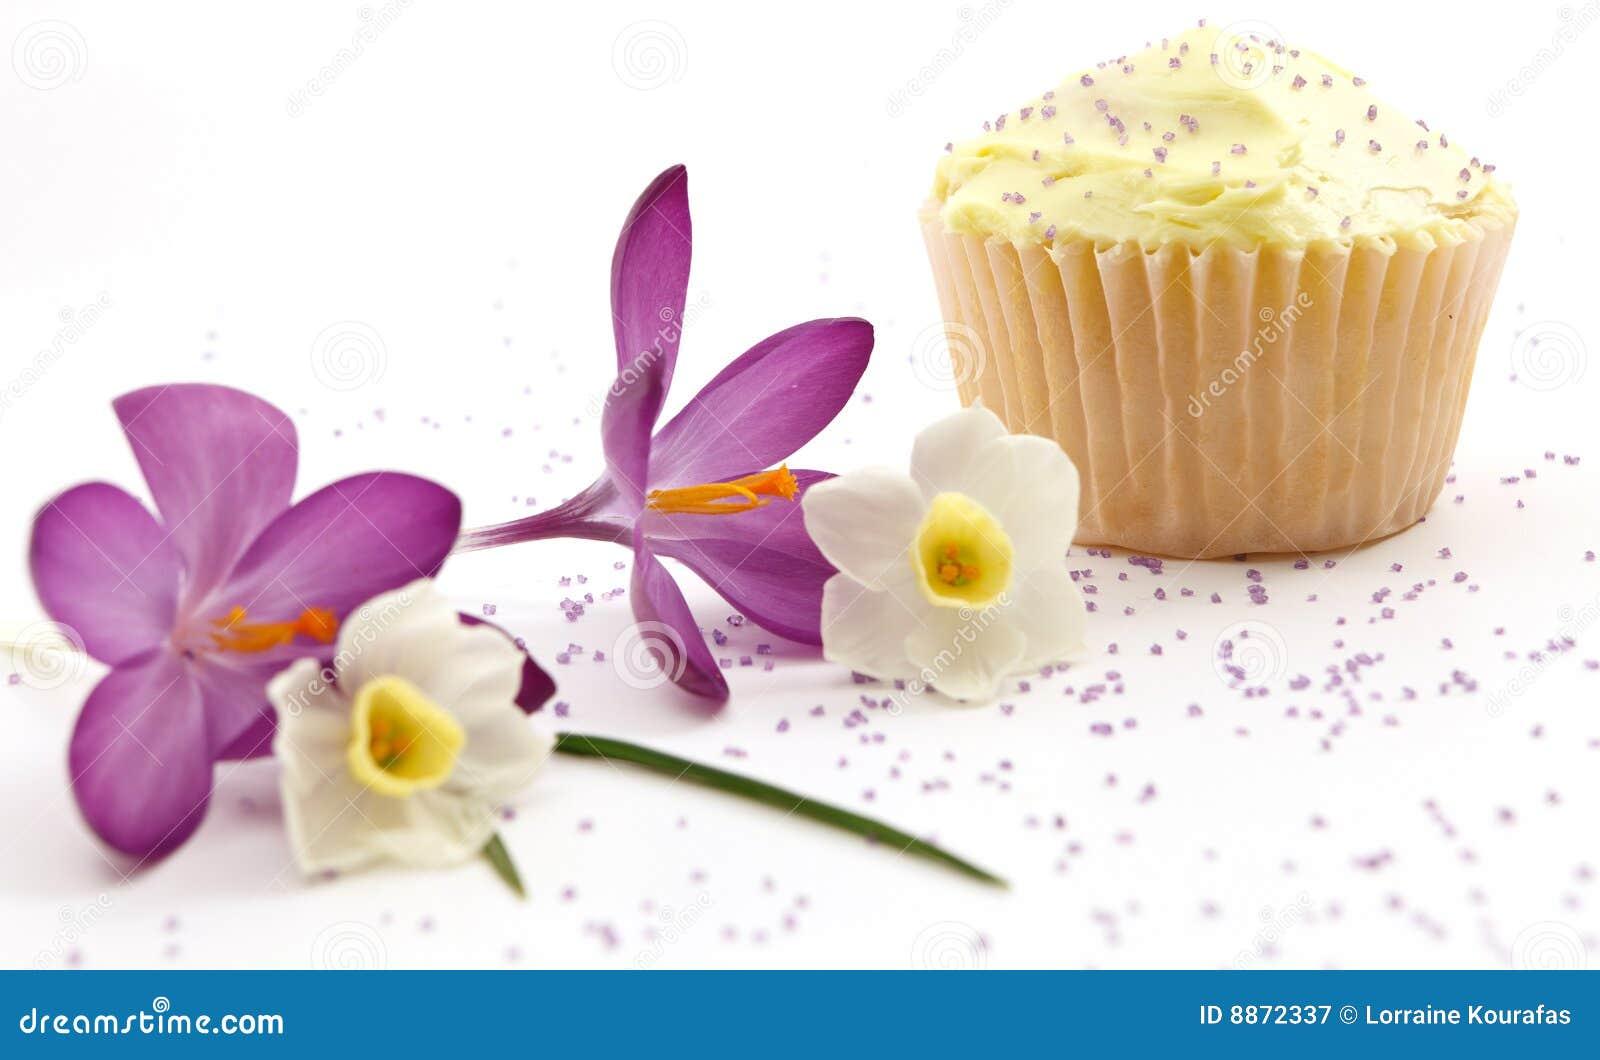 Single Cupcake With Purple Sprinkles Royalty Free Stock ...